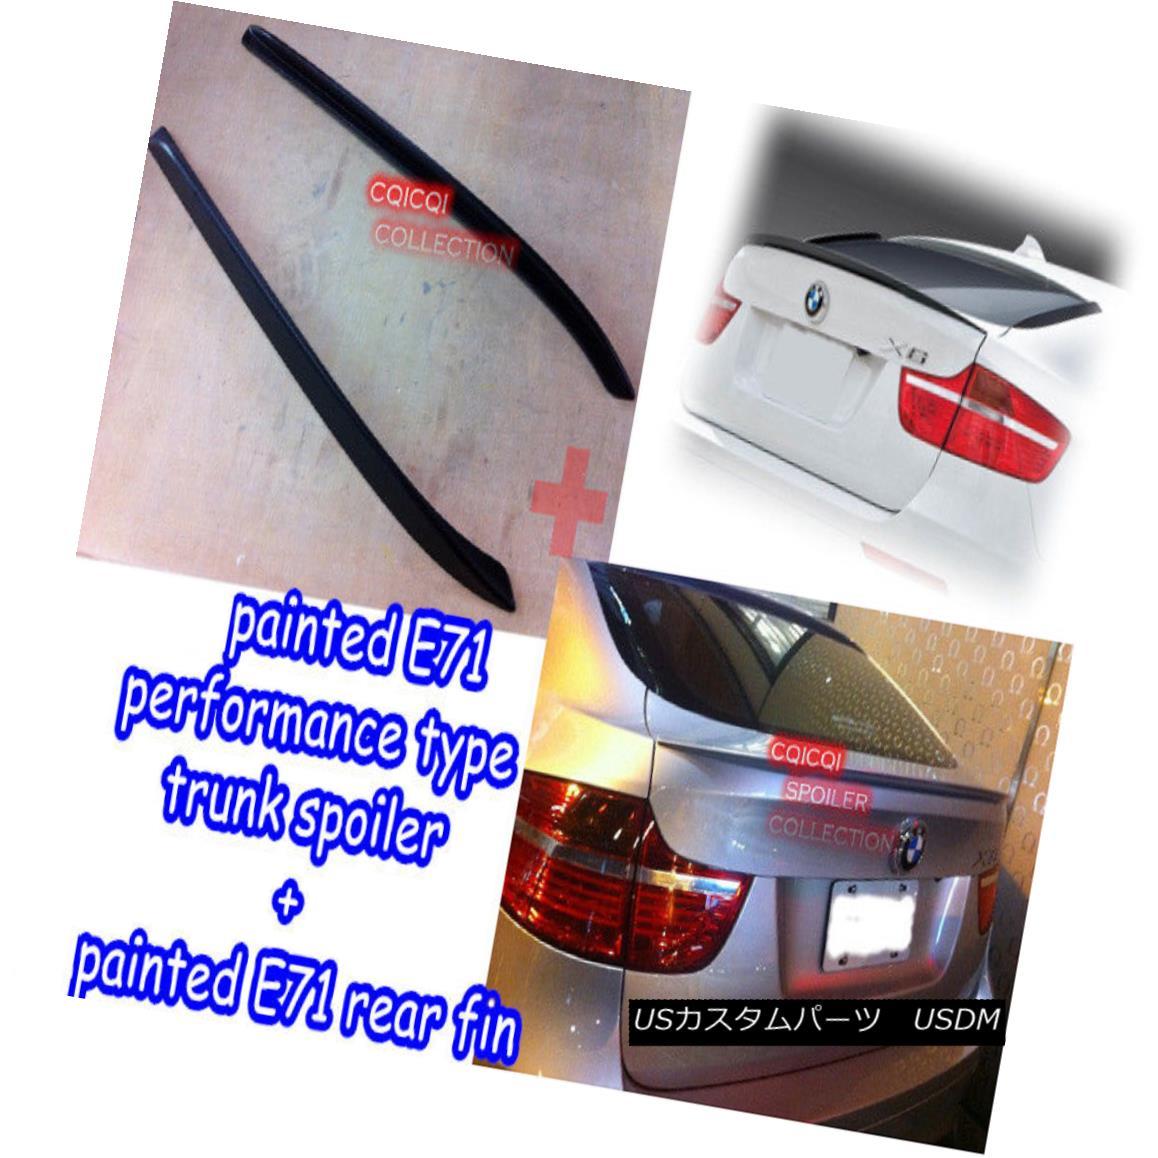 エアロパーツ Painted combo BMW 07-14 E71 X6 Performance type trunk spoiler + 2pcs rear fin◎ 塗装コンボBMW 07-14 E71 X6パフォーマンスタイプのトランク・スポイラー+ 2個のリア・フィン?